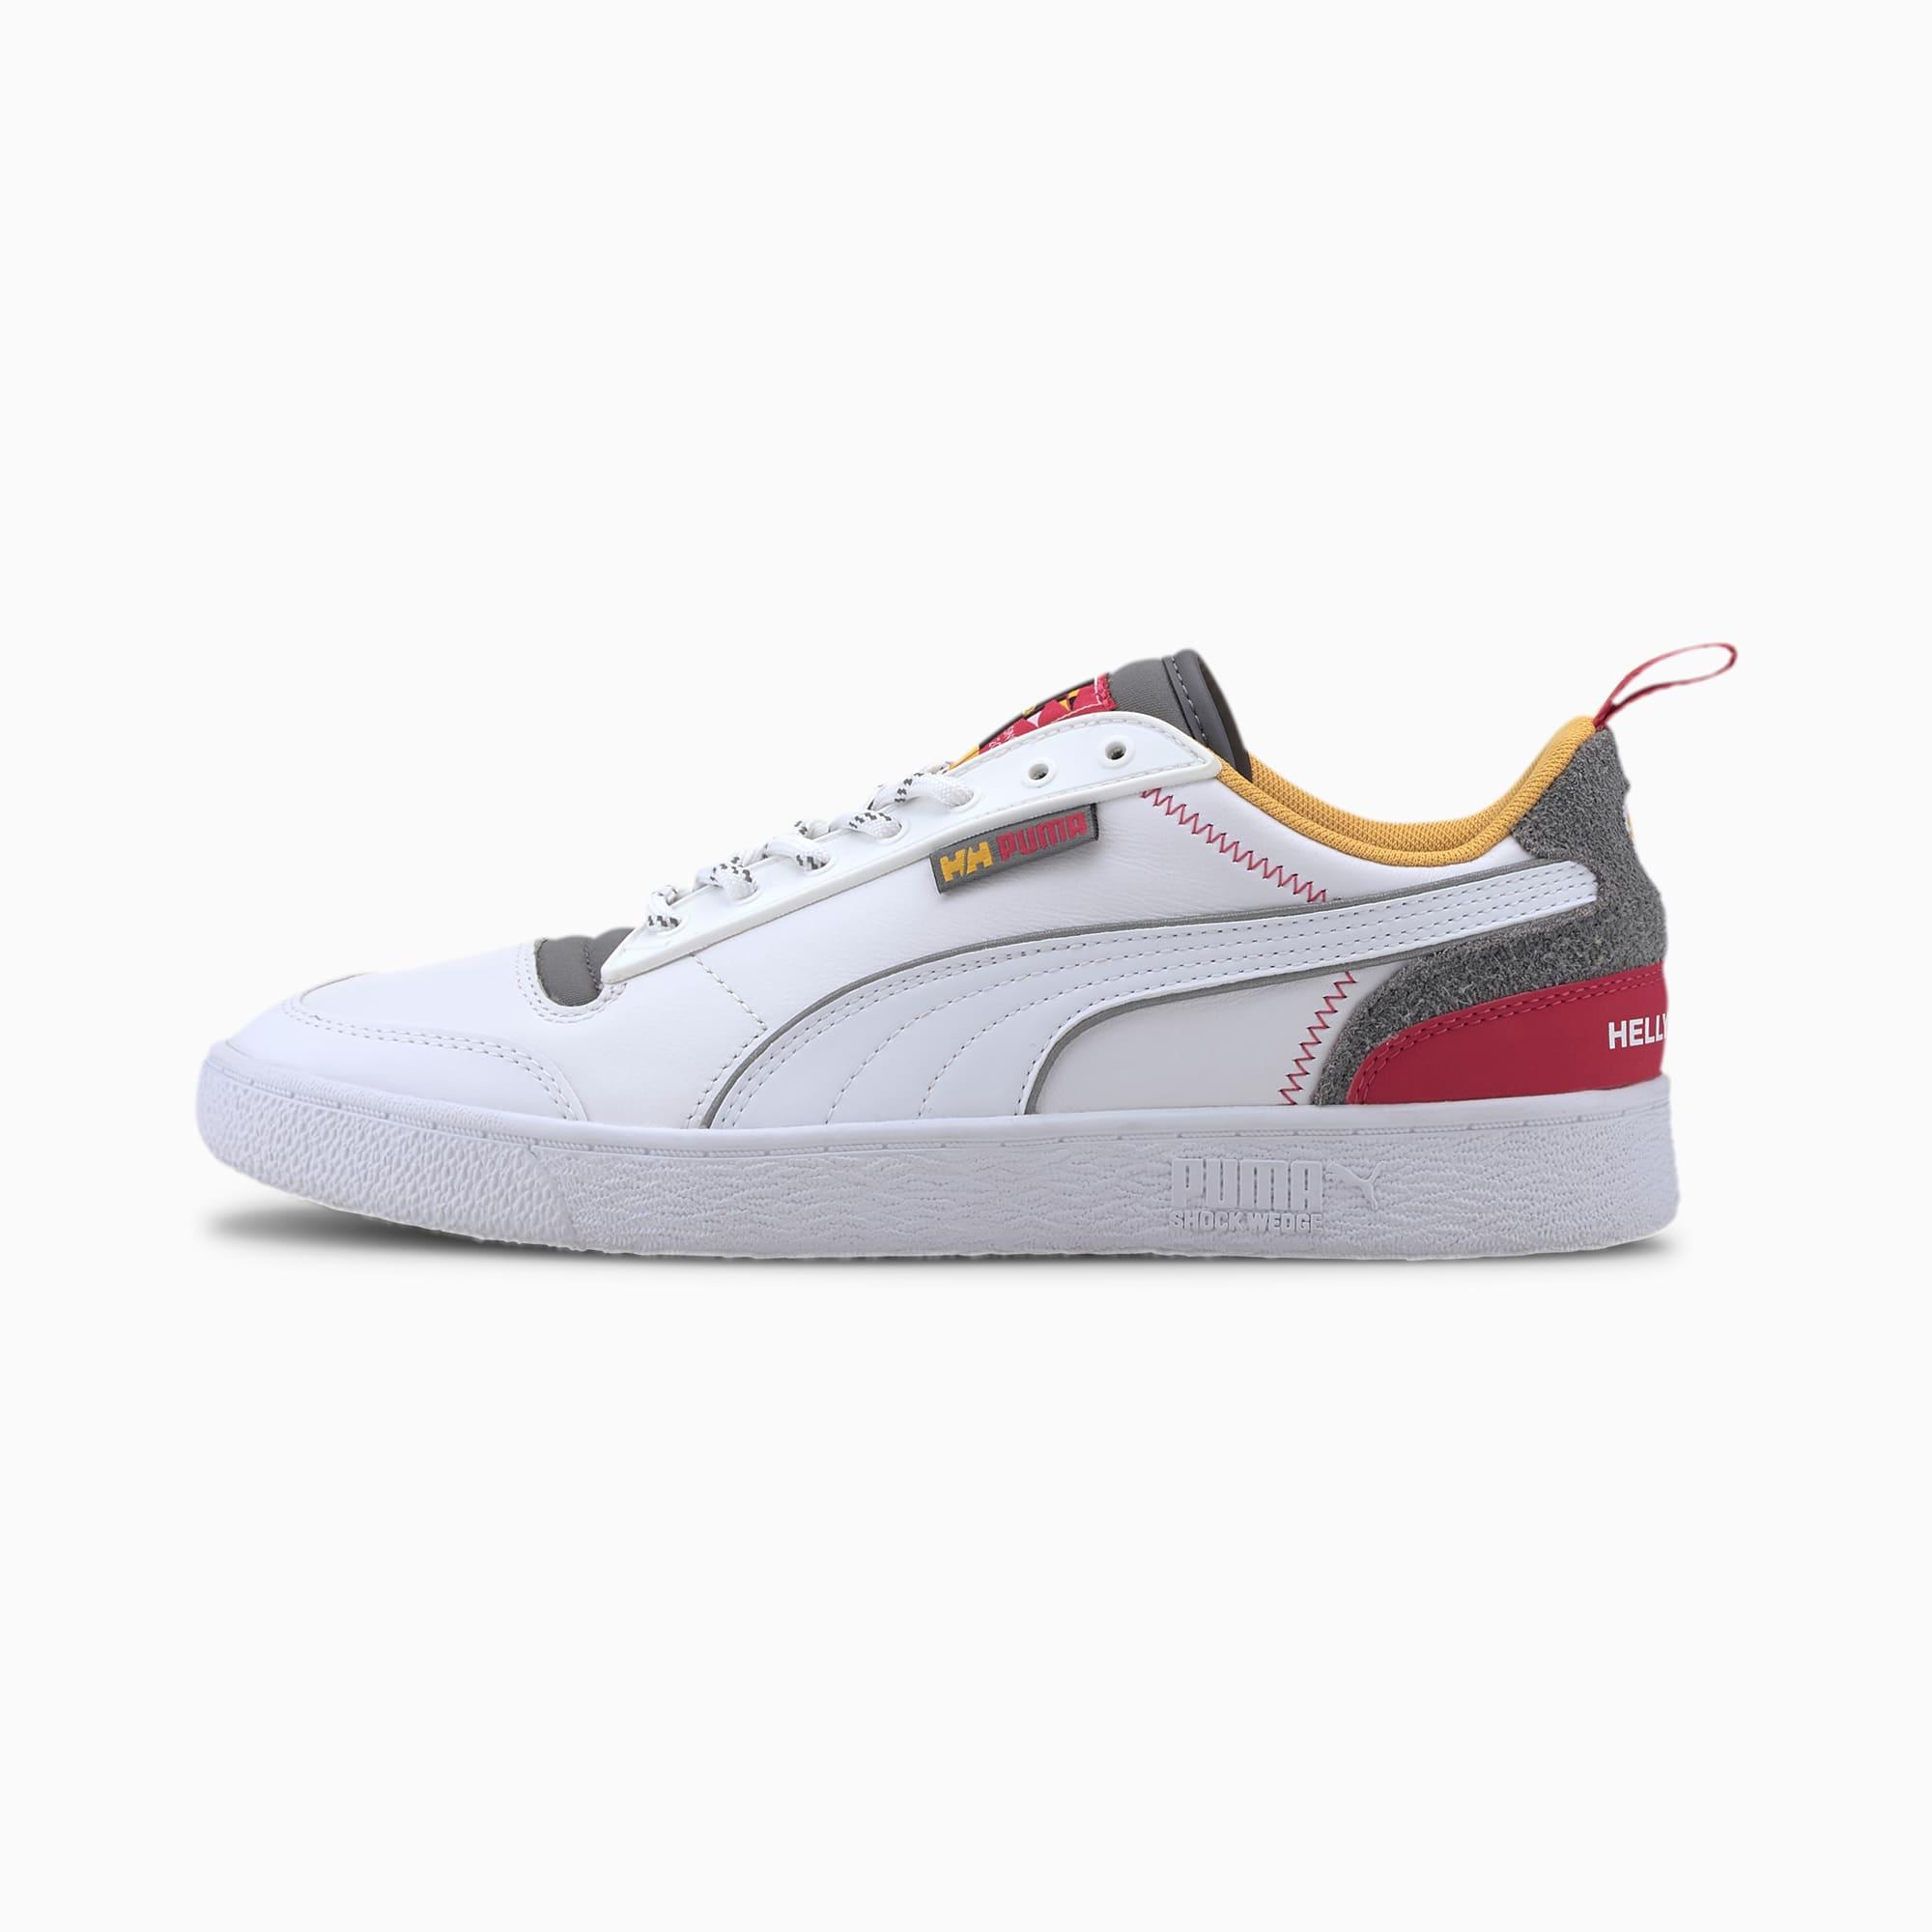 PUMA x HELLY HANSEN Ralph Sampson Herren Sneaker   Puma White-Puma White    PUMA Ralph Sampson   PUMA Deutschland